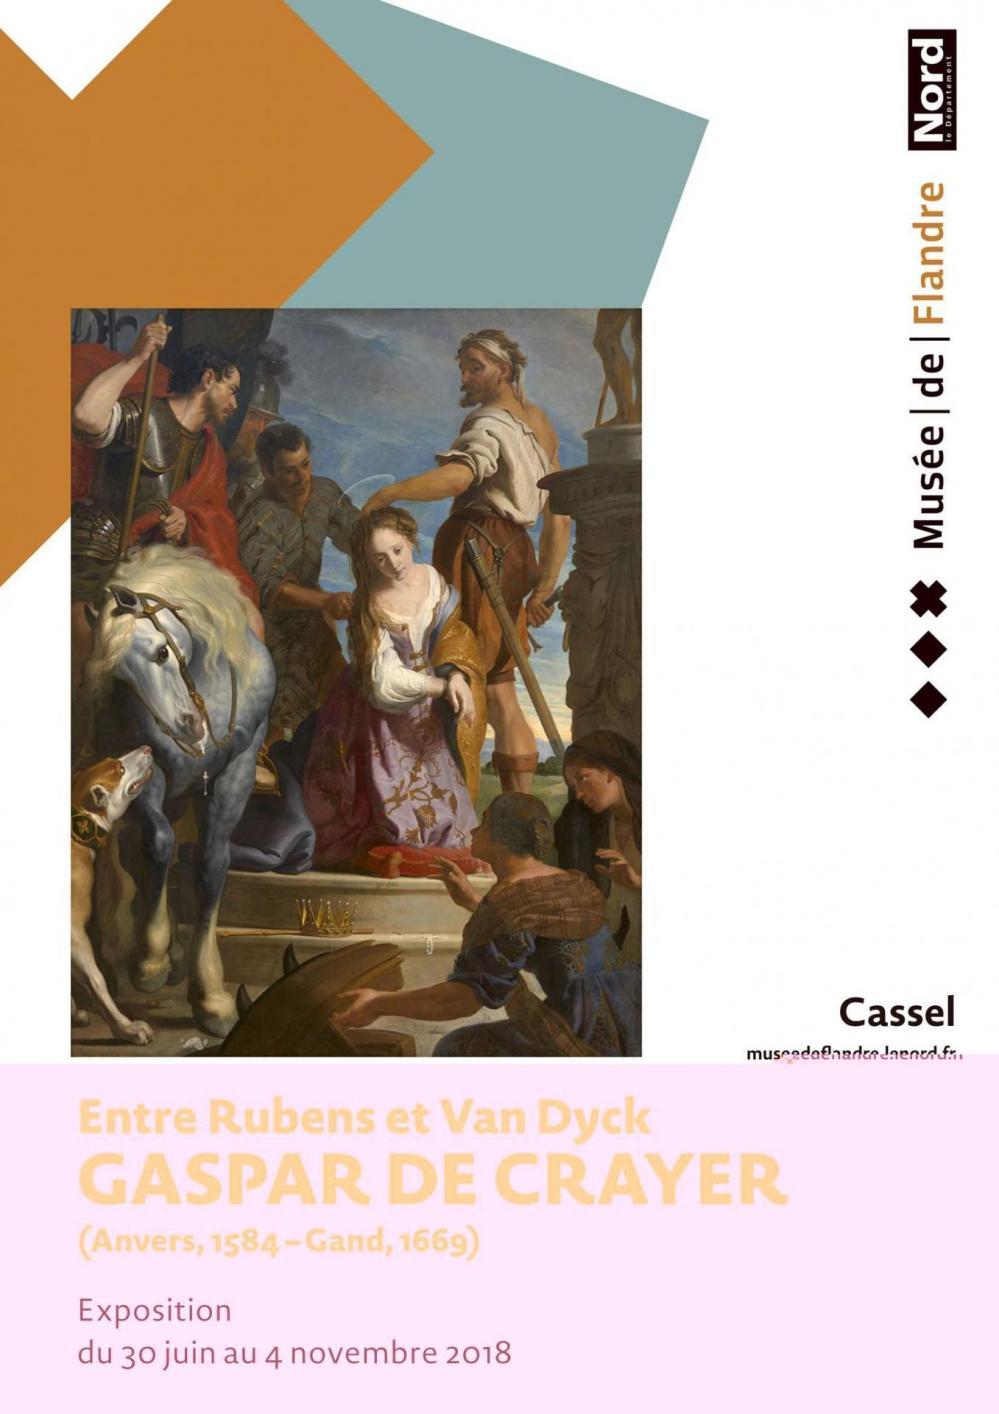 Gaspar de crayer 01